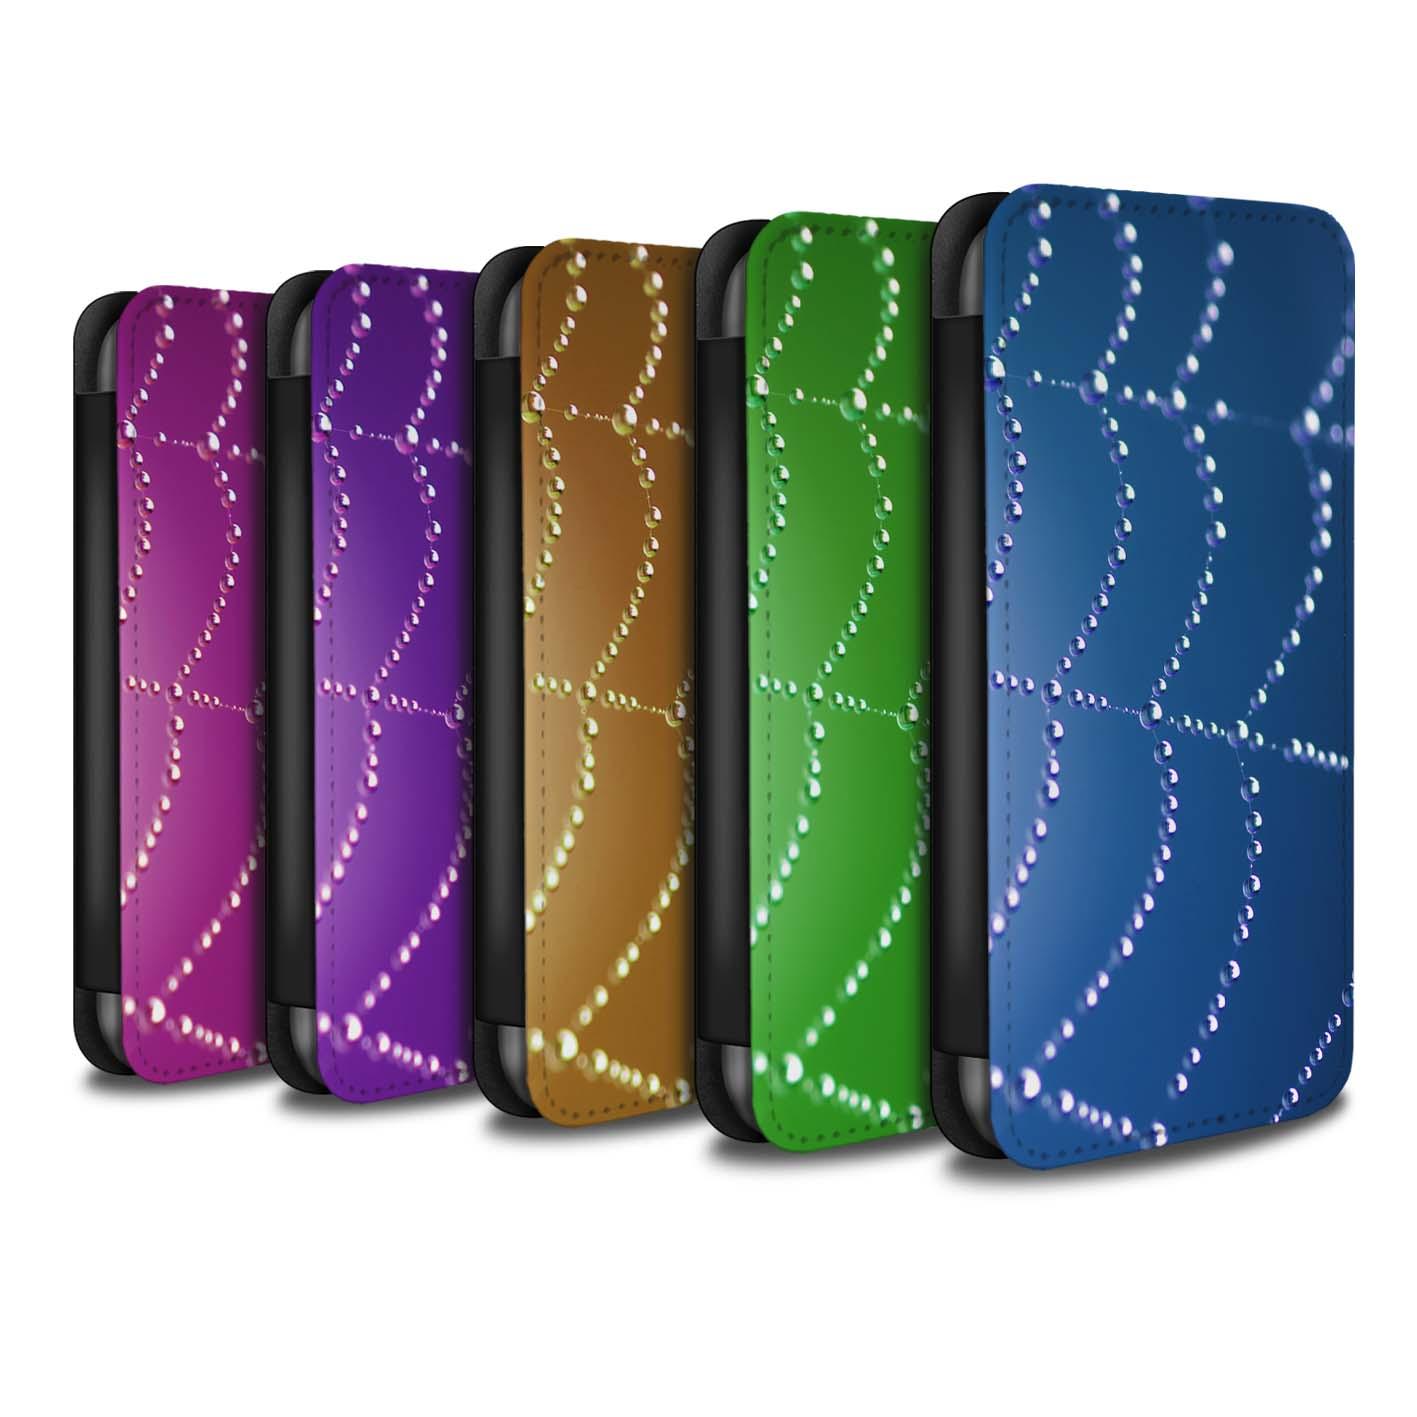 Coque-Etui-Case-Cuir-PU-pour-Apple-iPhone-6S-Plus-Toile-d-039-araignee-Perles